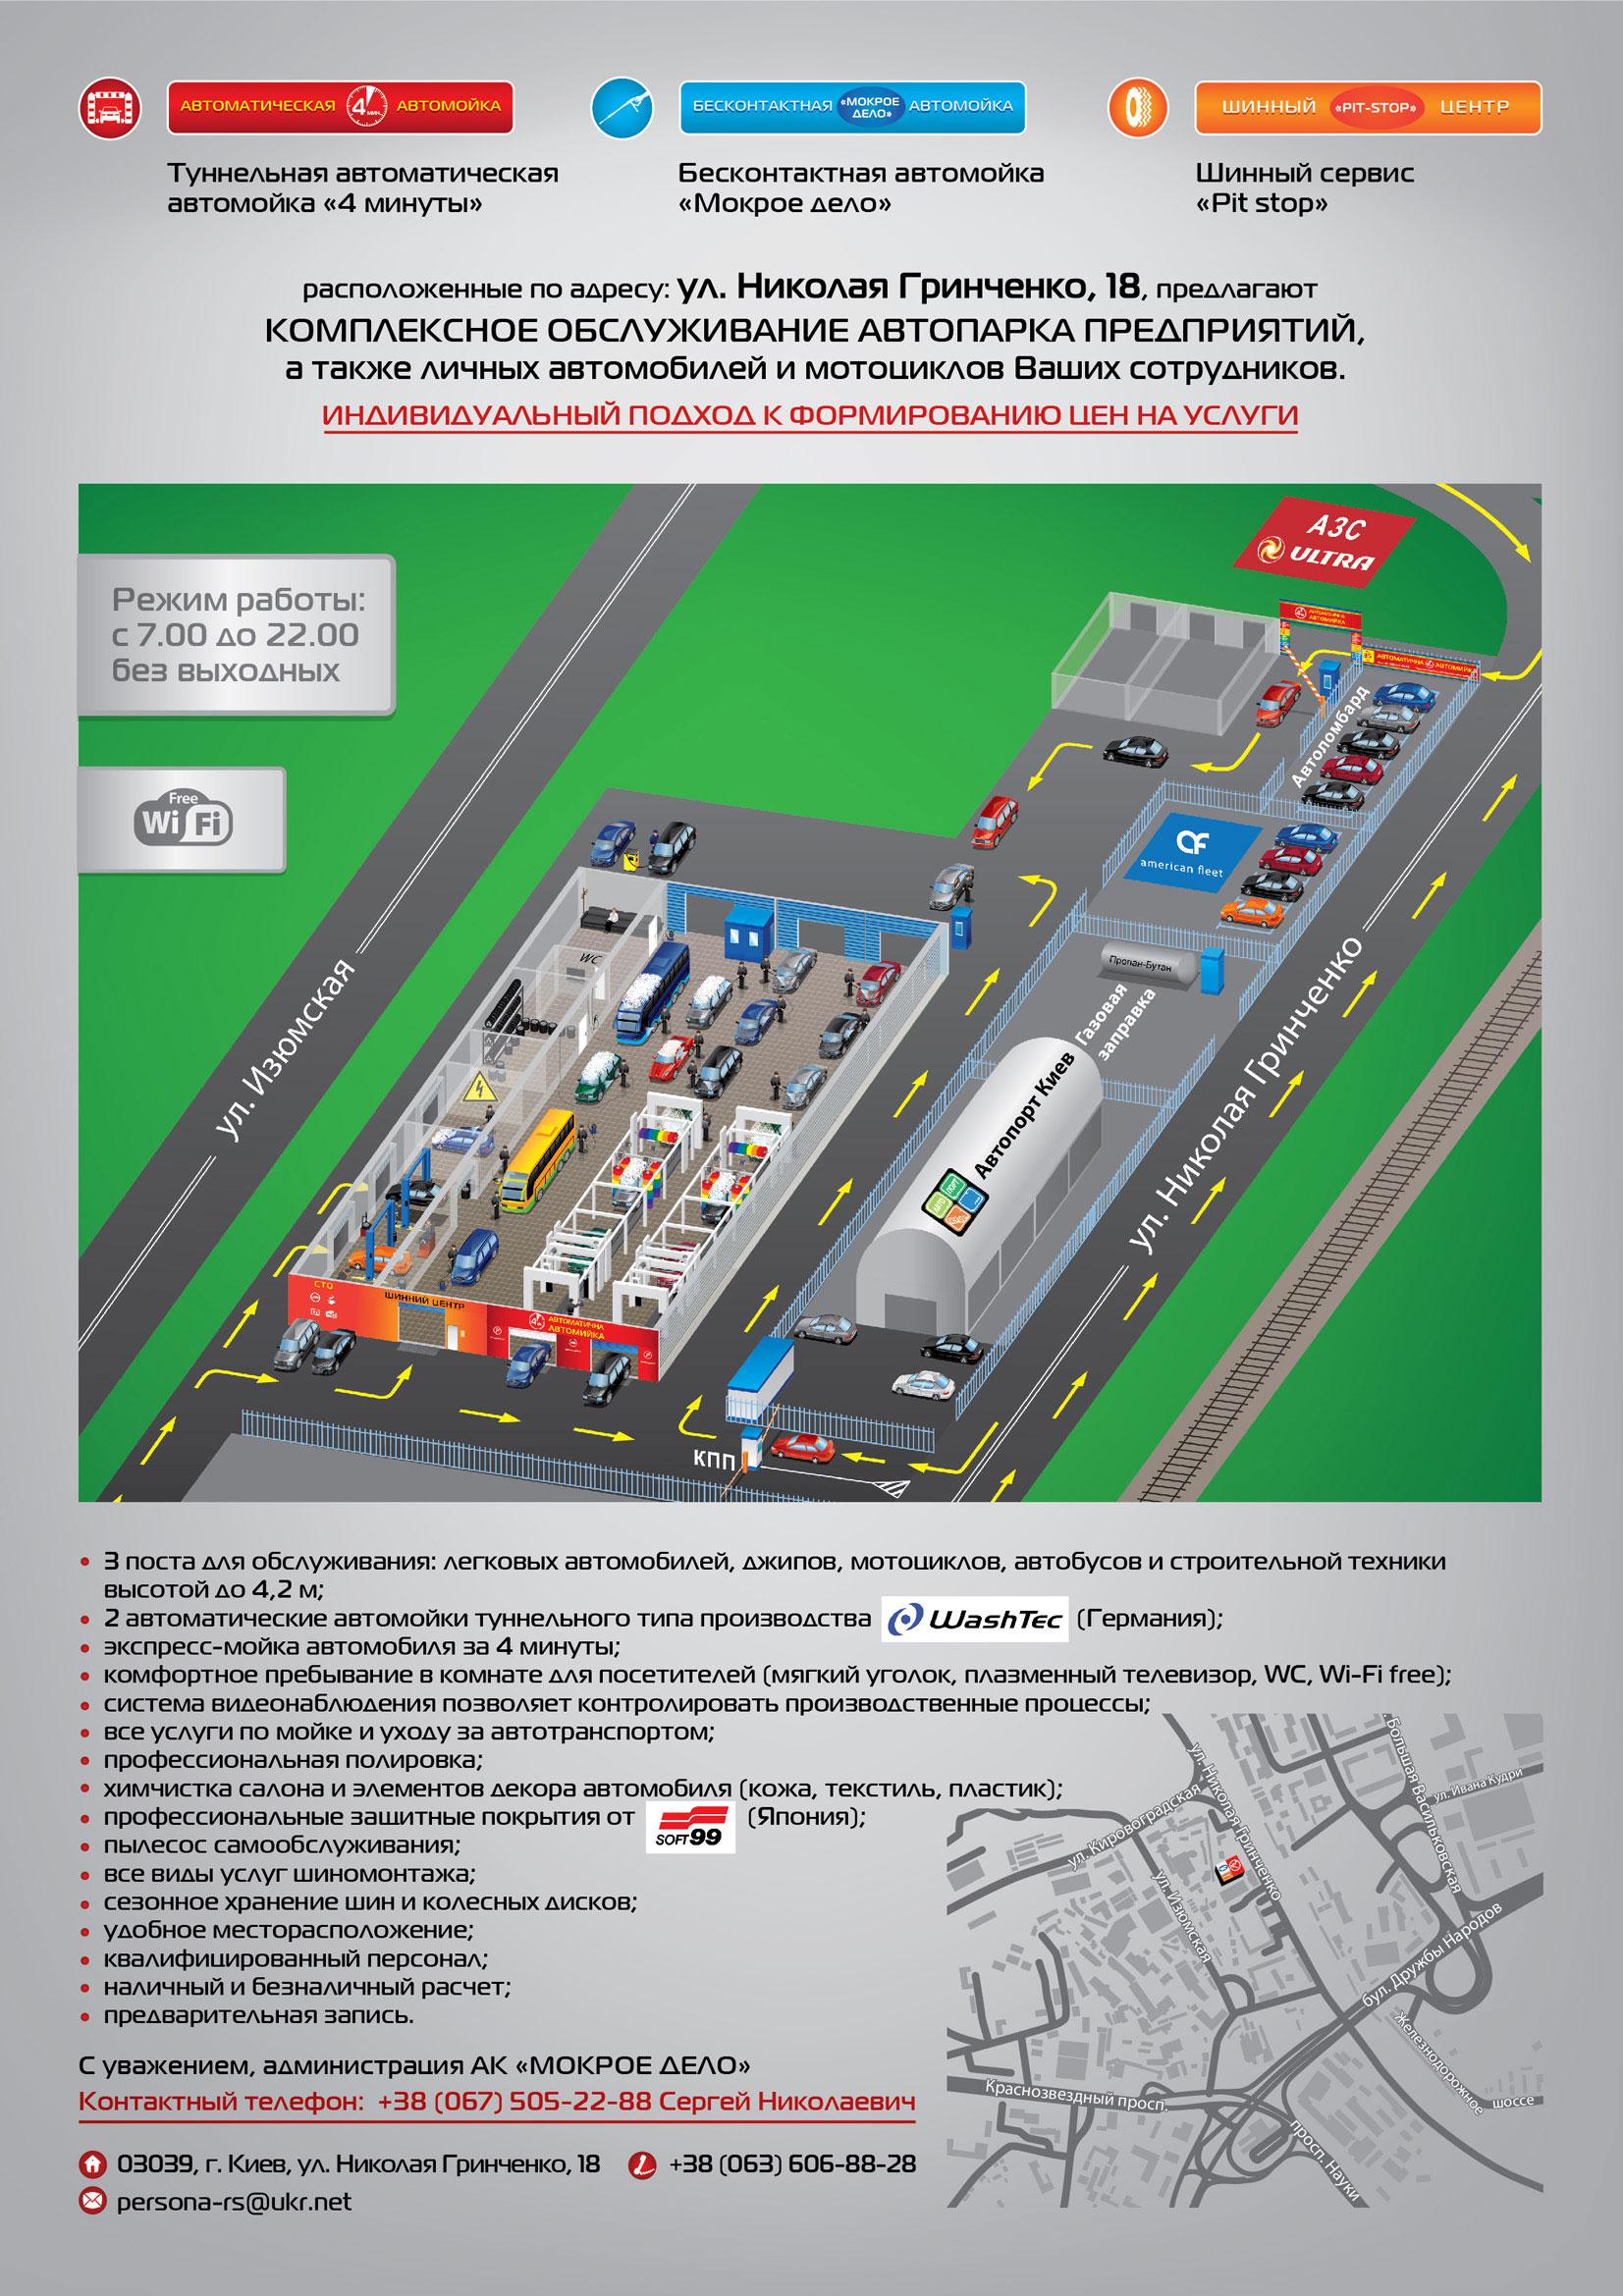 №70 Автосервис Голосеевский район в Киеве автомойка, шиномонтаж центр